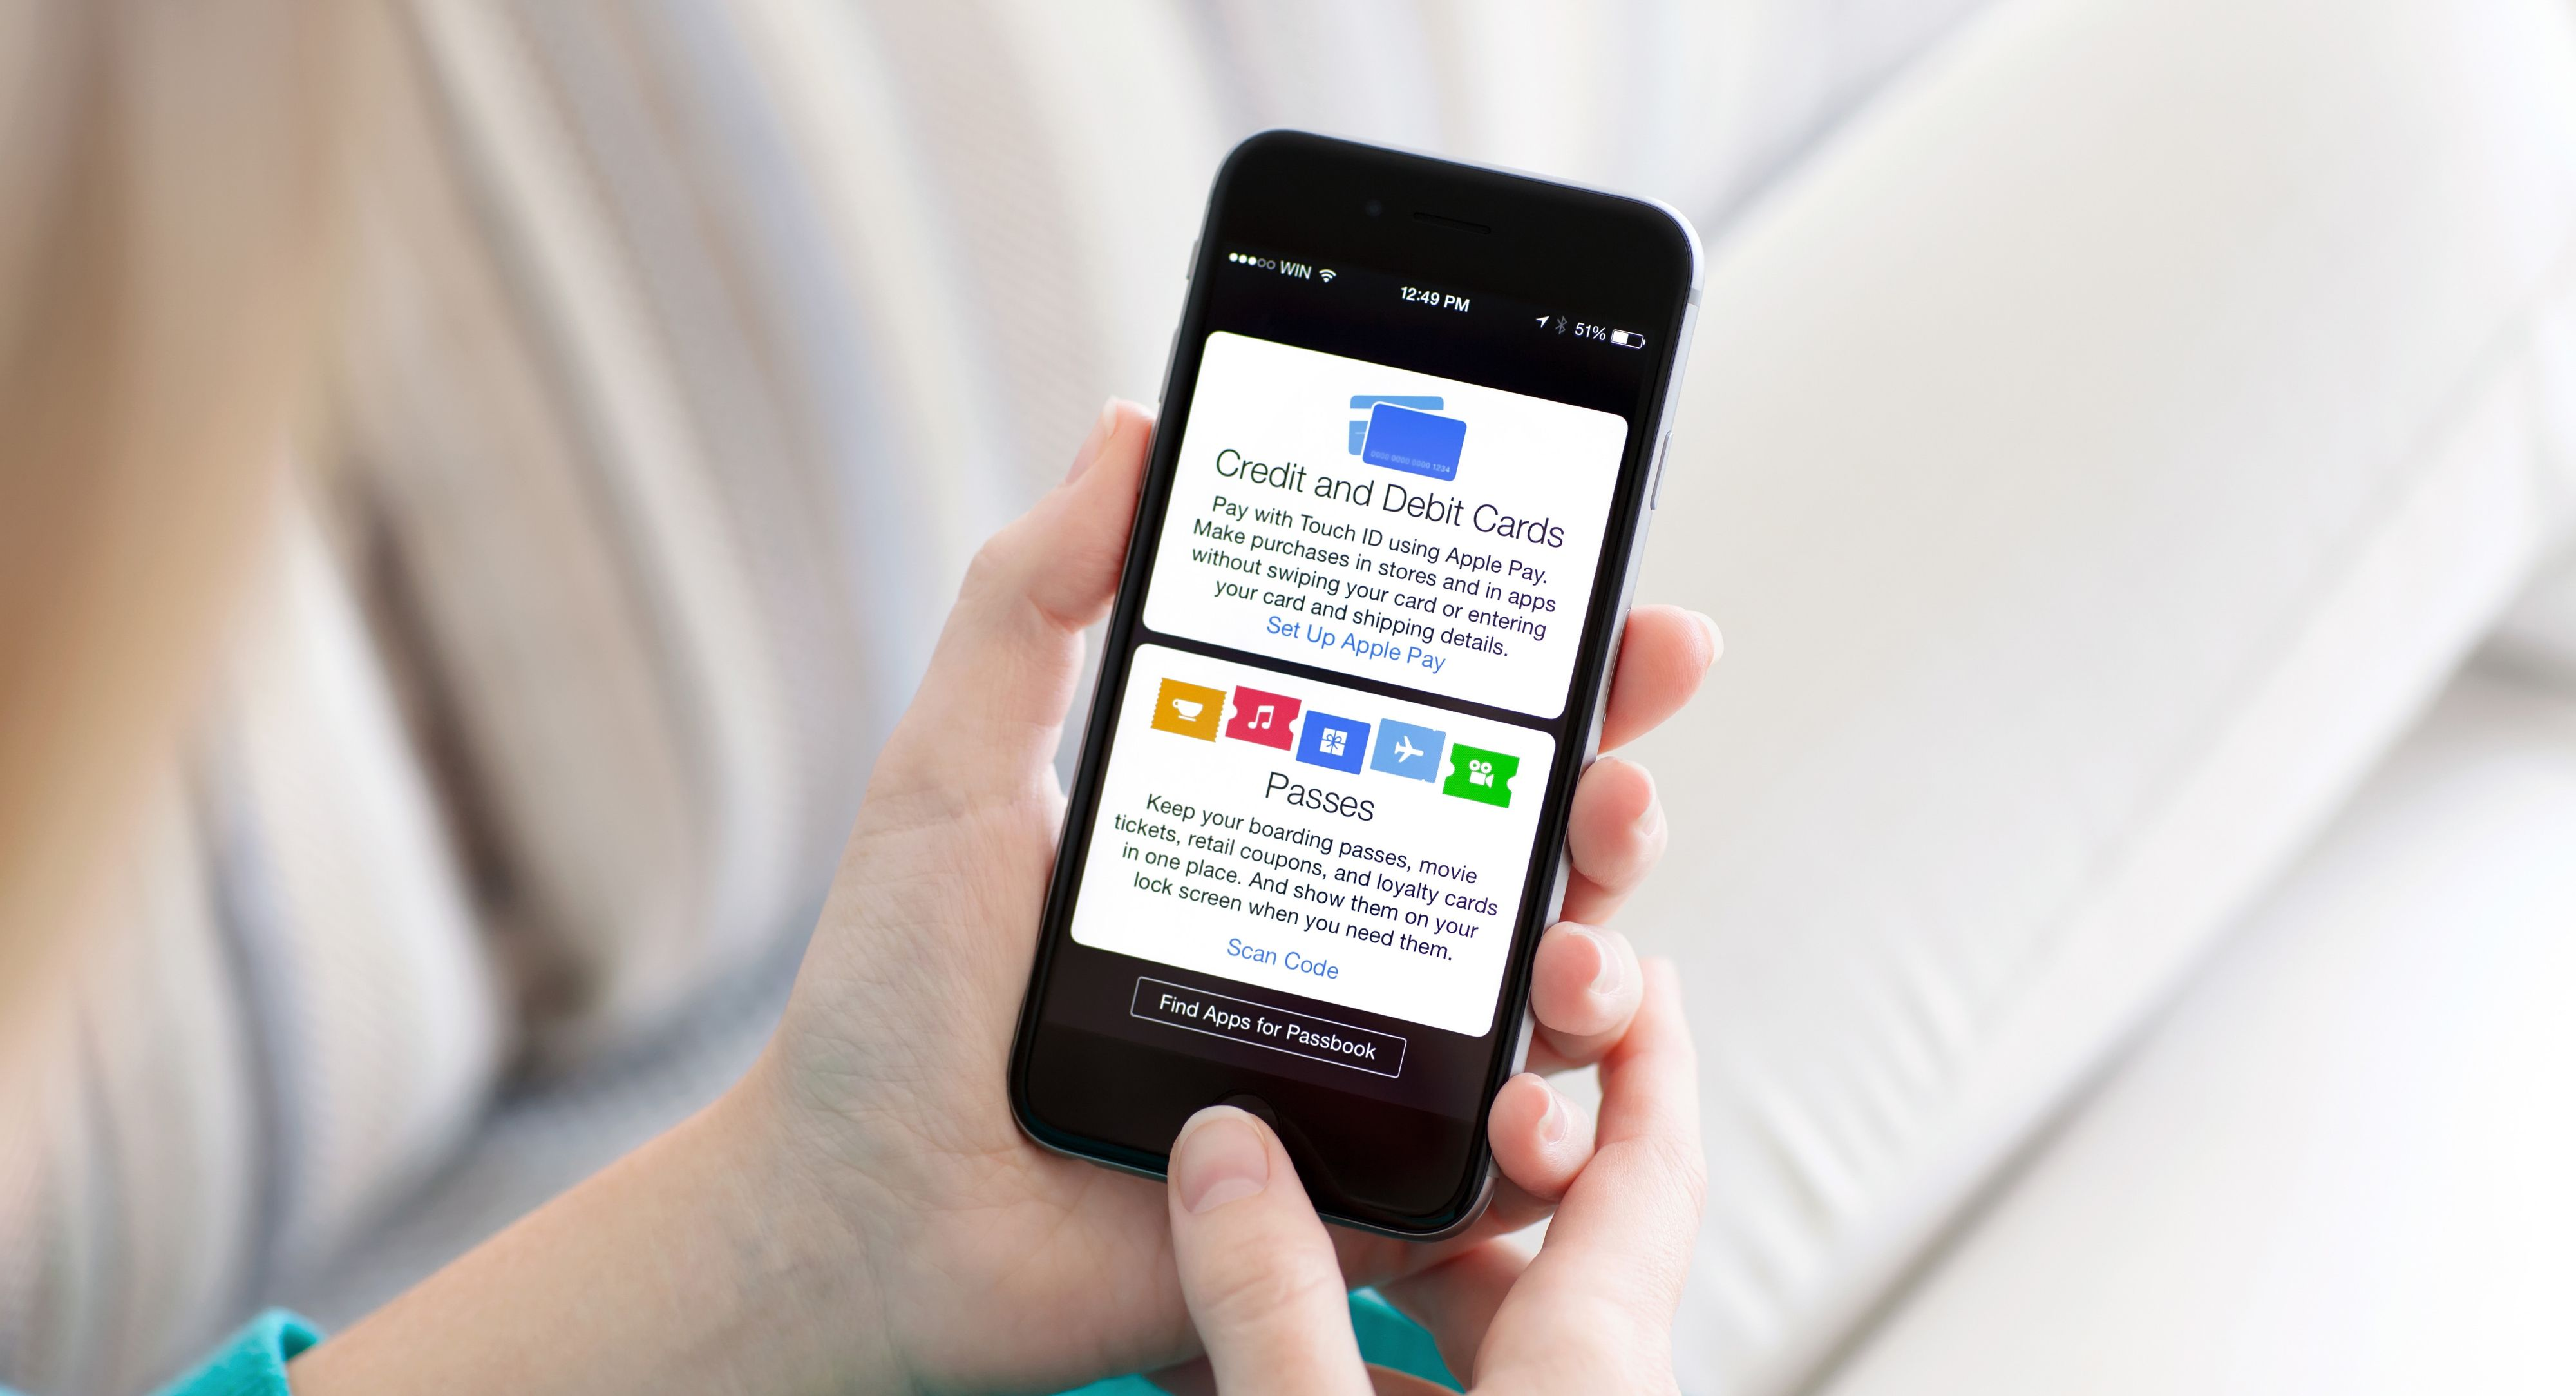 Google ser ut til å ville konkurrere med Apple Pay, som for øyeblikket er den kontaktløse betalingsløsningen som er nærmest å slå gjennom i USA. Foto: Denys Prykhodov / Shutterstock.com